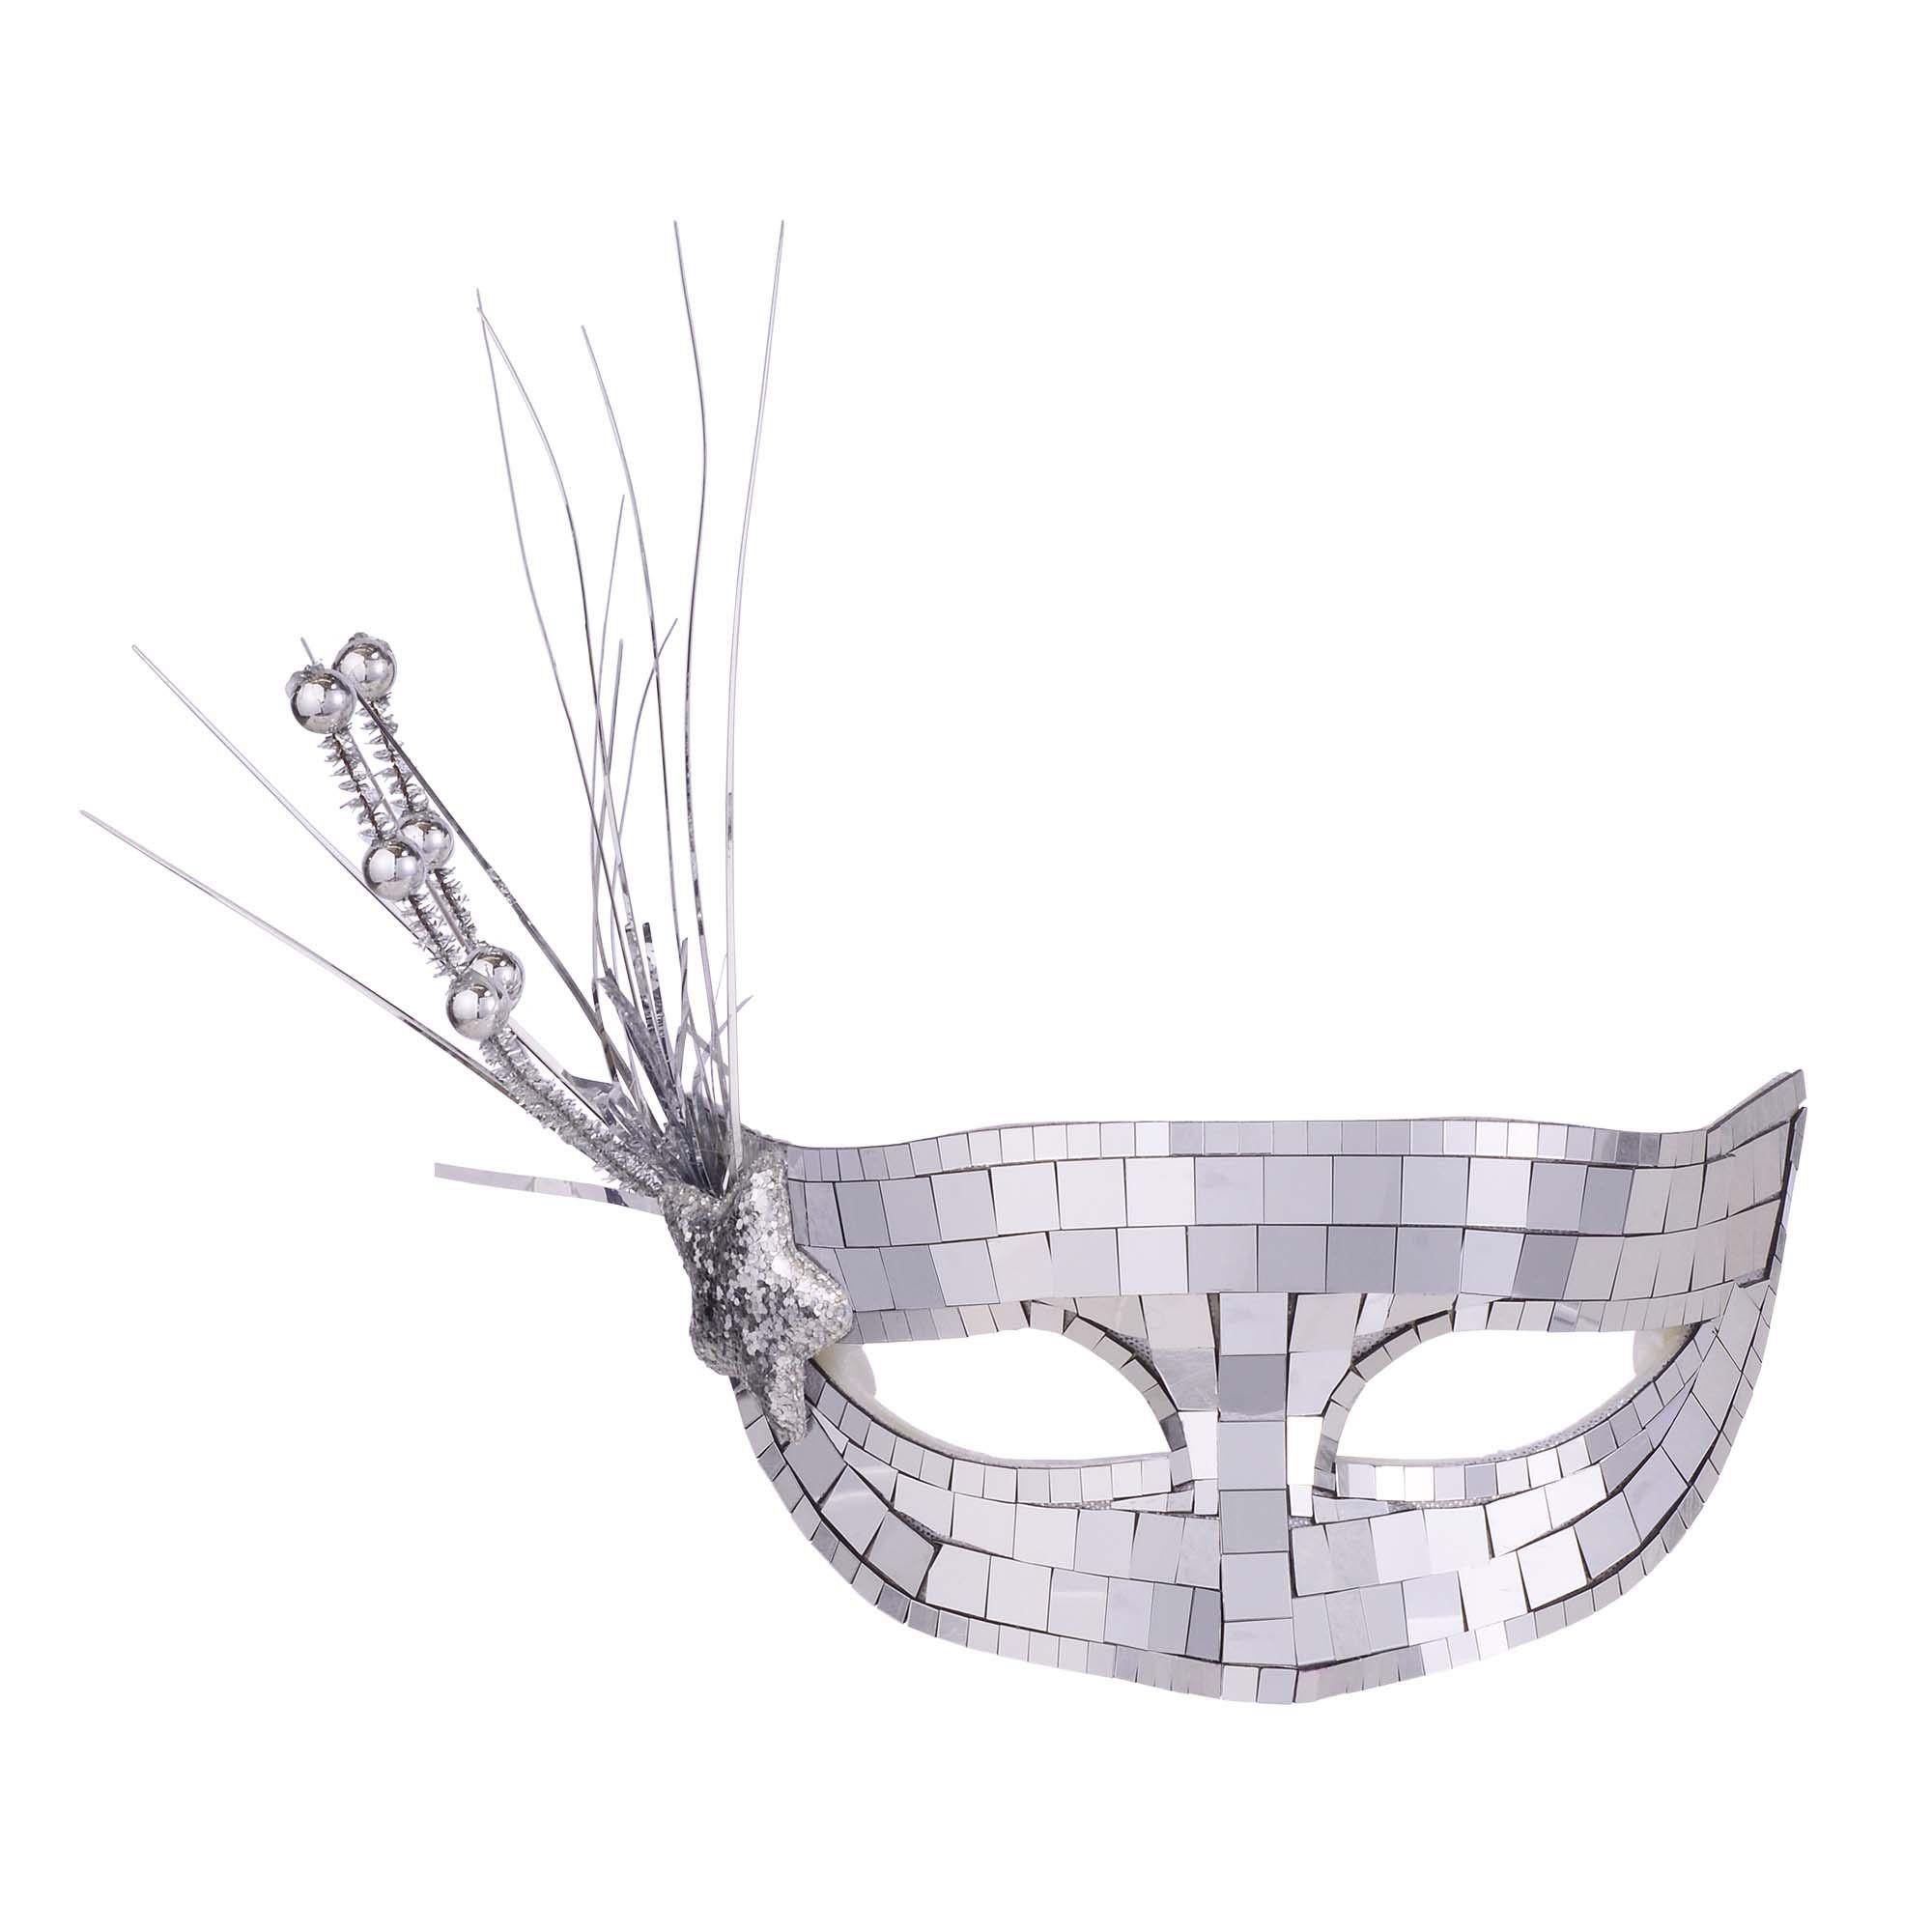 Reflection Mask